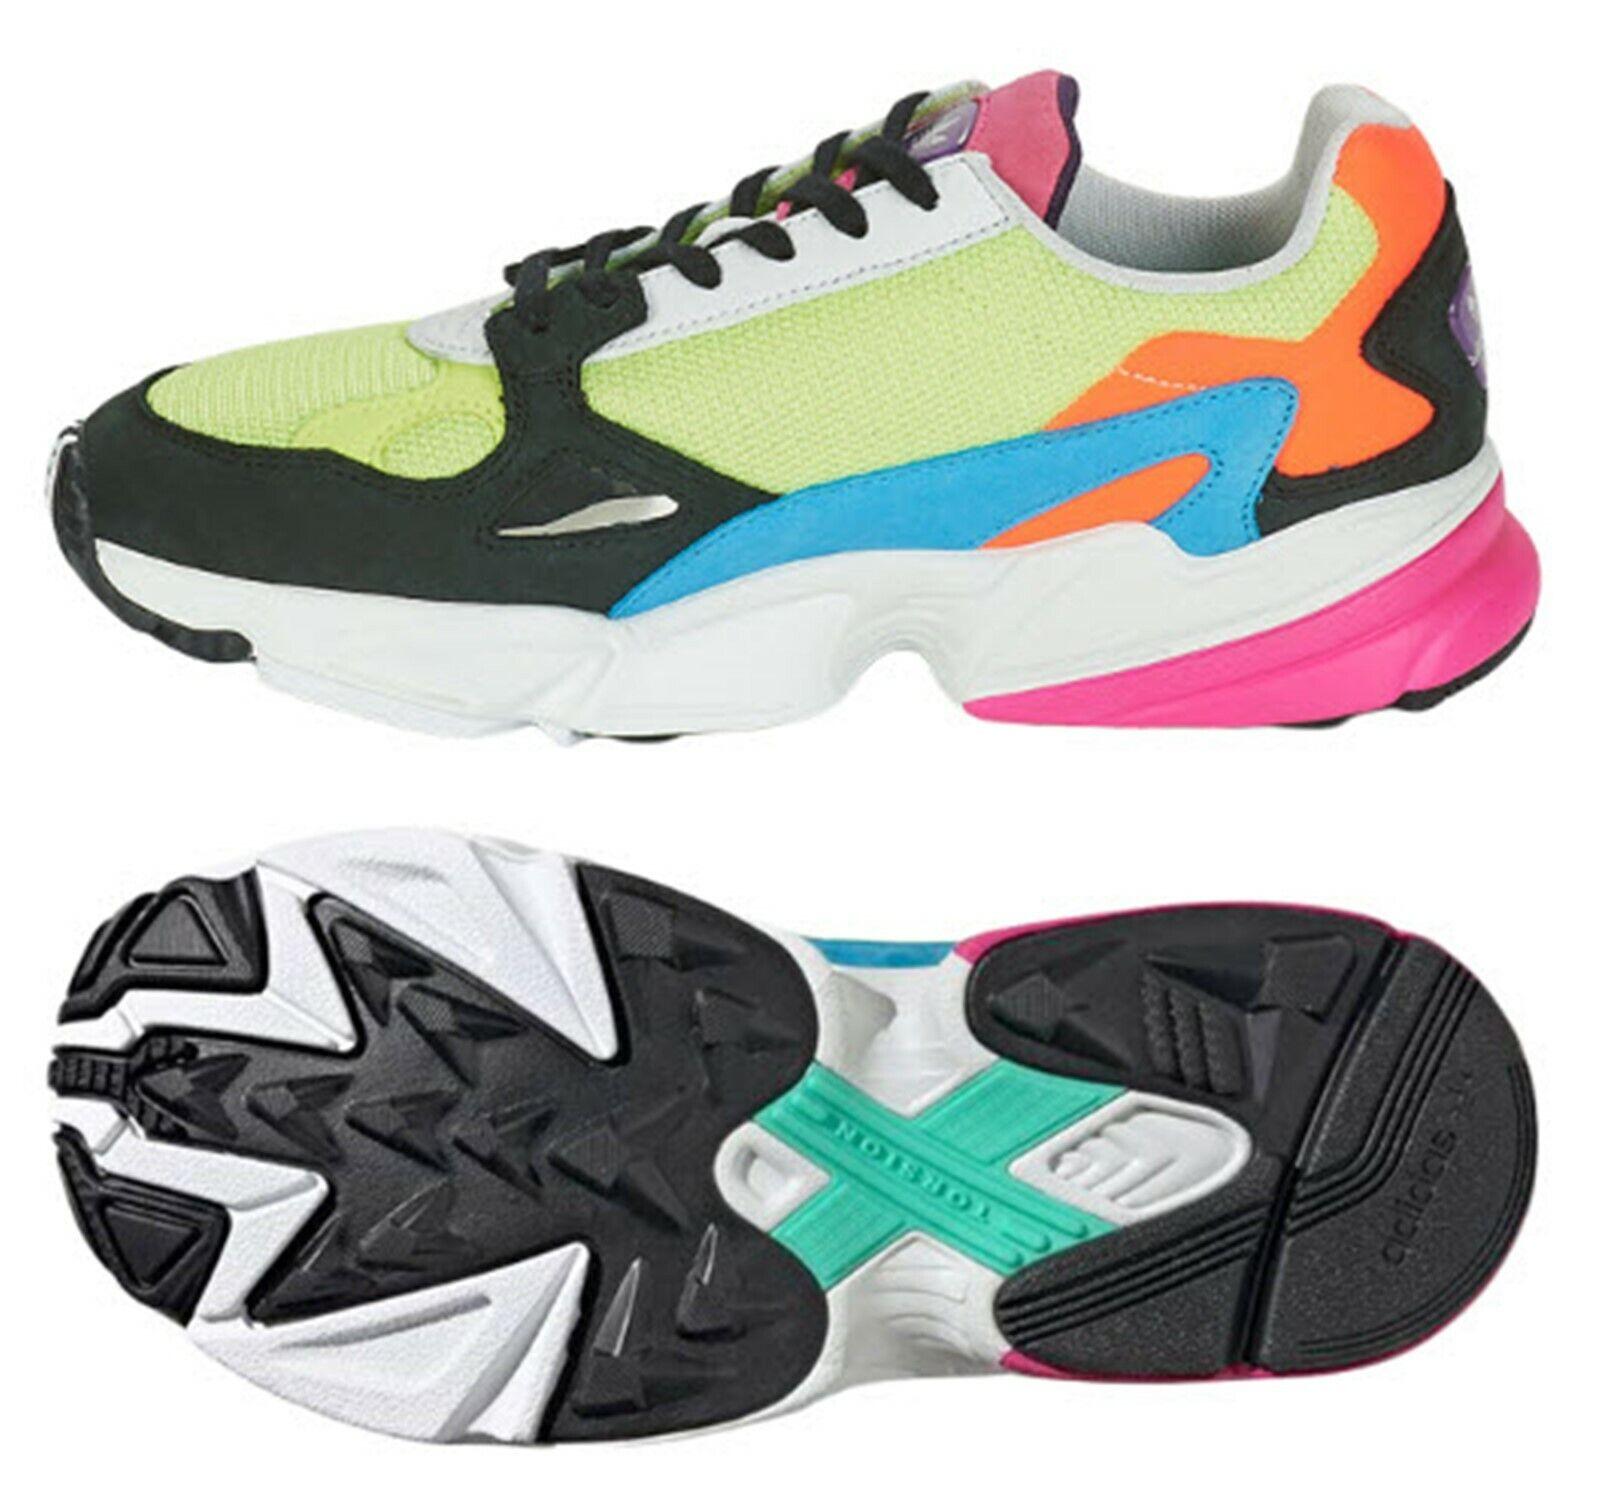 Adidas Mujer Originals Zapatos Deportivos Tenis Deportivas Informales Negro Correr Falcon Zapato CG6210